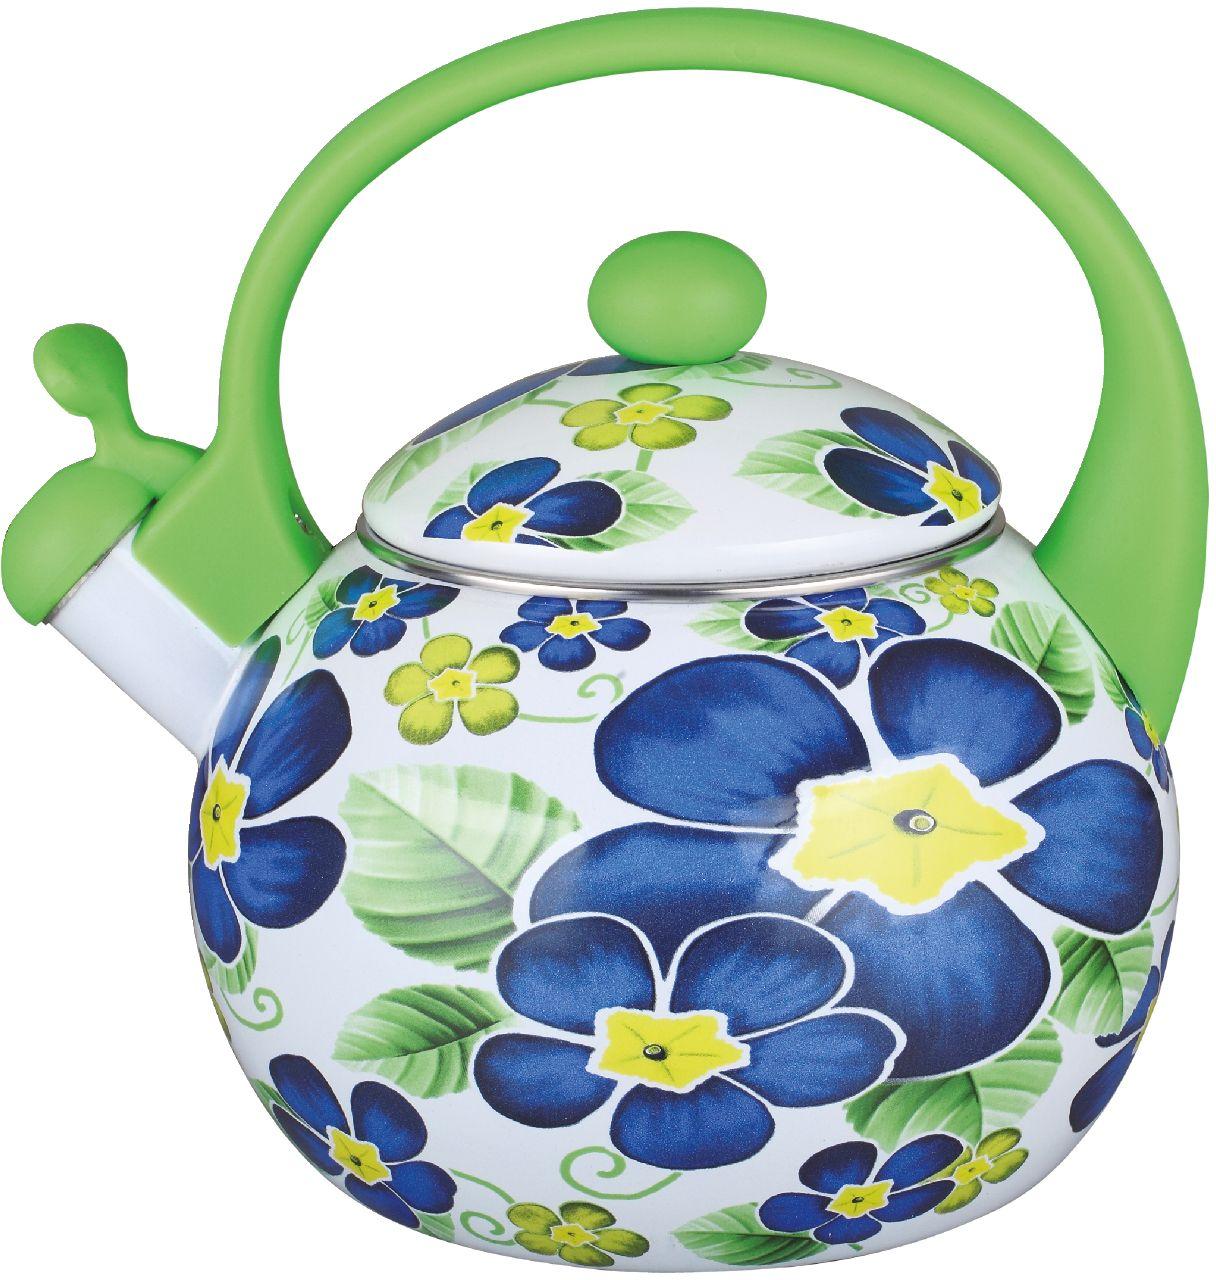 Чайник эмалированный Чудесница, со свистком, 2,5 л. ЭЧ-2514 чайники для плиты vetta чайник эмалированный